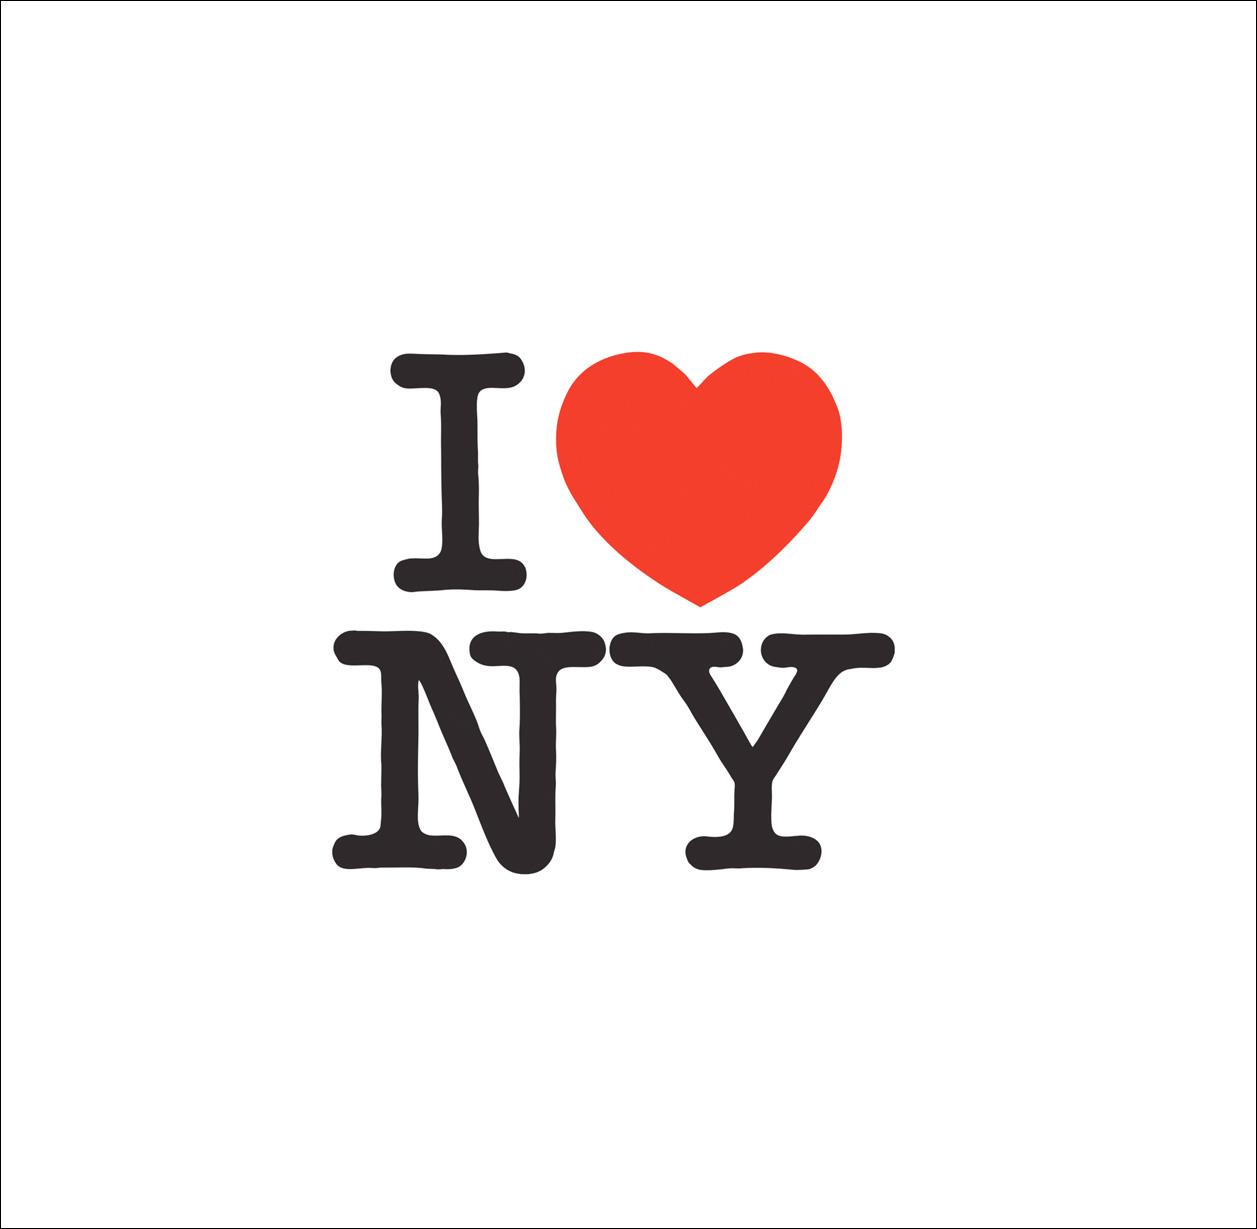 Logo I love NY